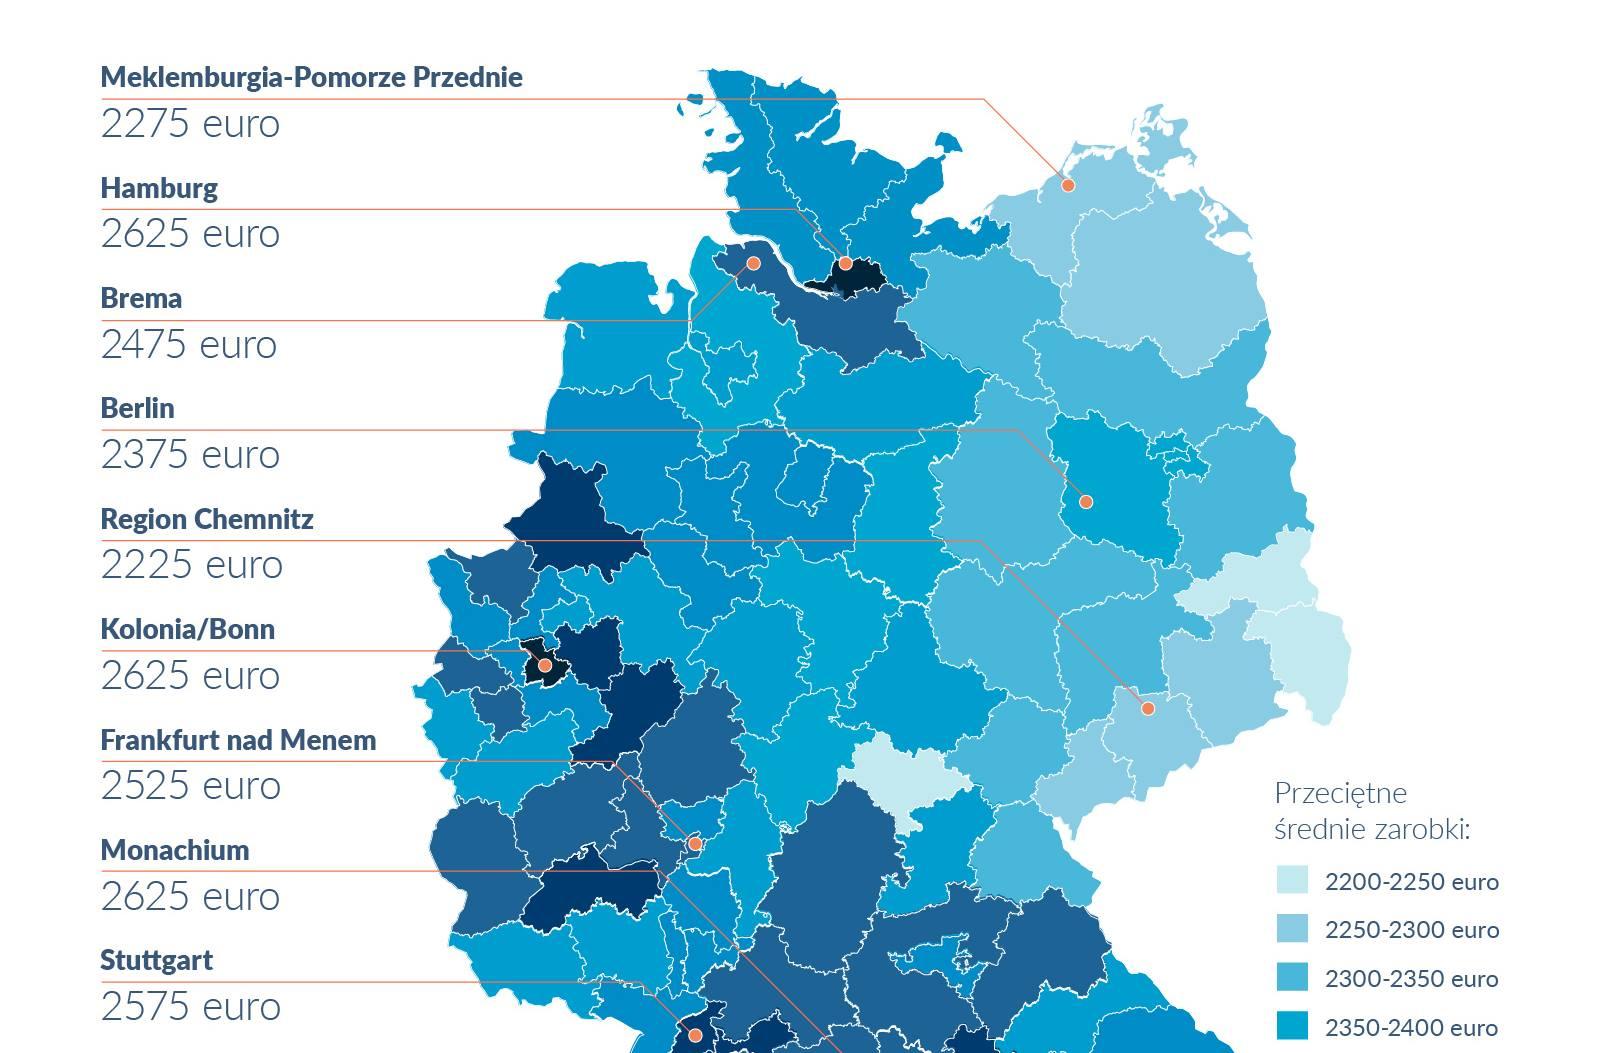 Zarobki kierowców w Niemczech. Czy podwyżki wystarczą, by zachęcić młodych do pracy w transporcie?